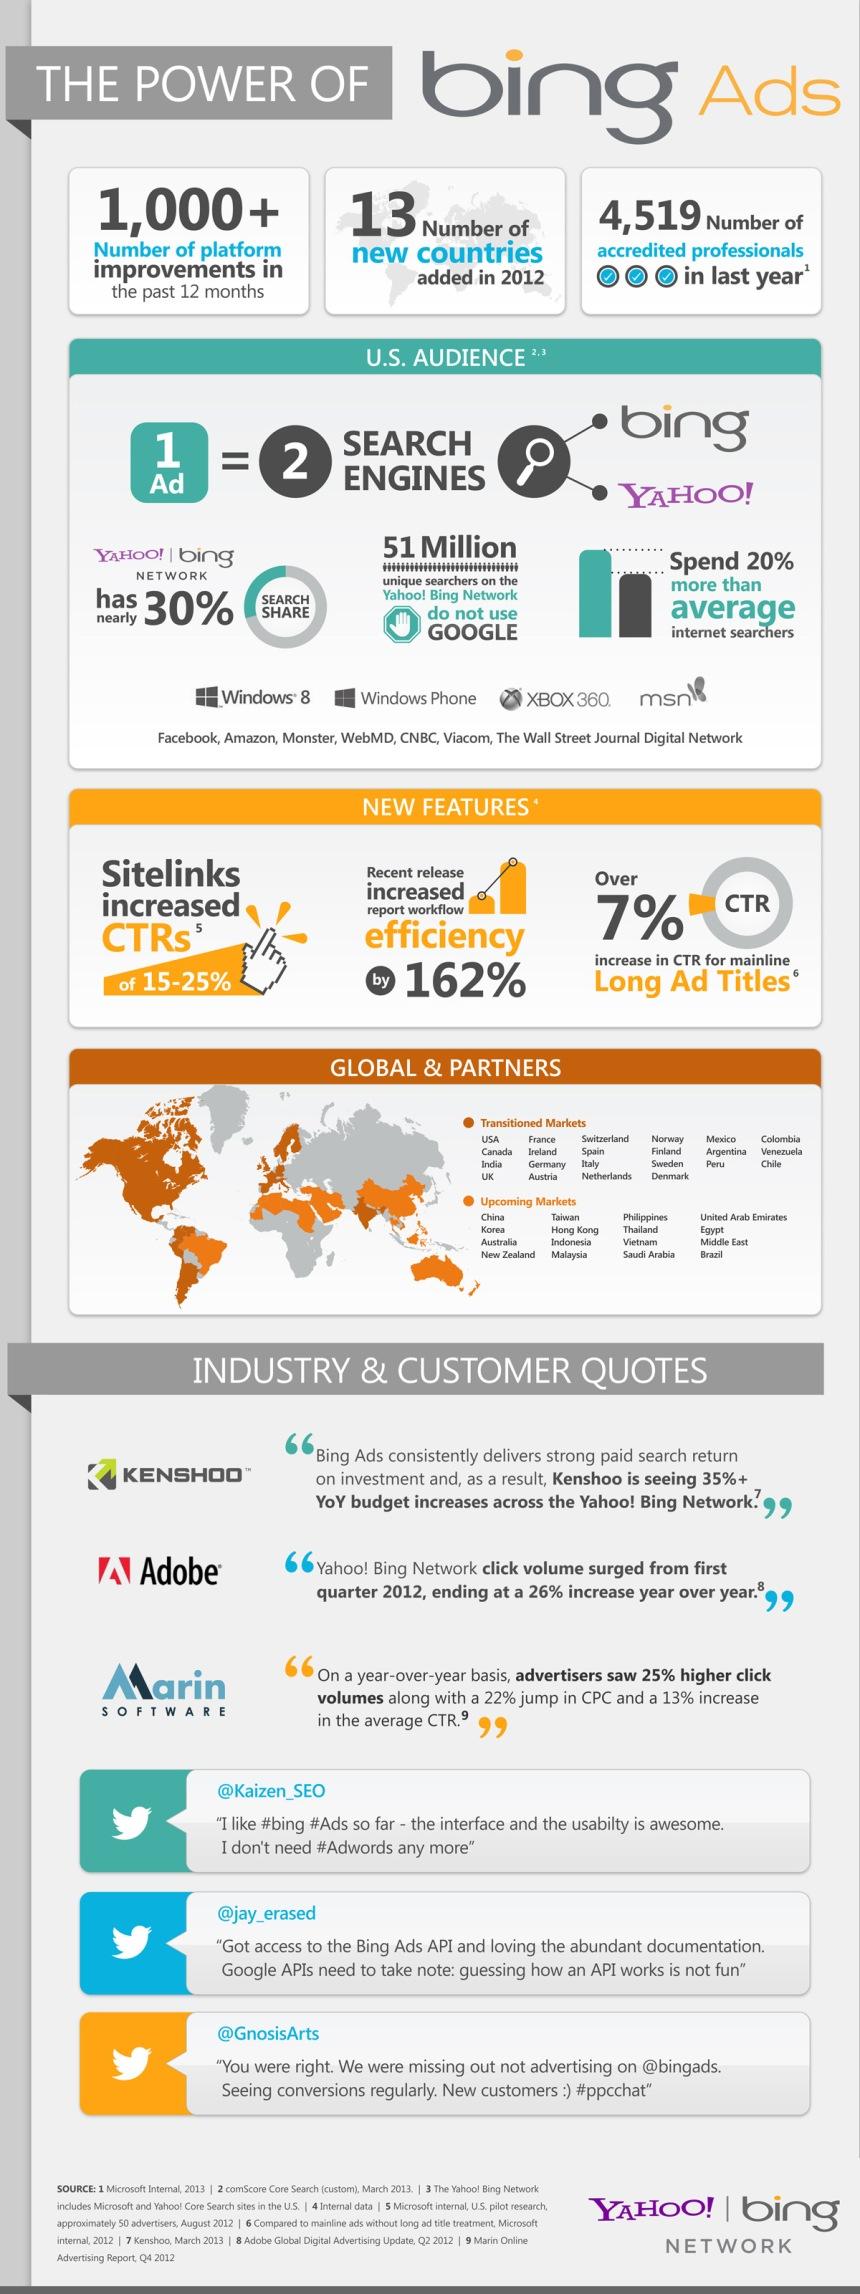 El poder de la publicidad en Bing